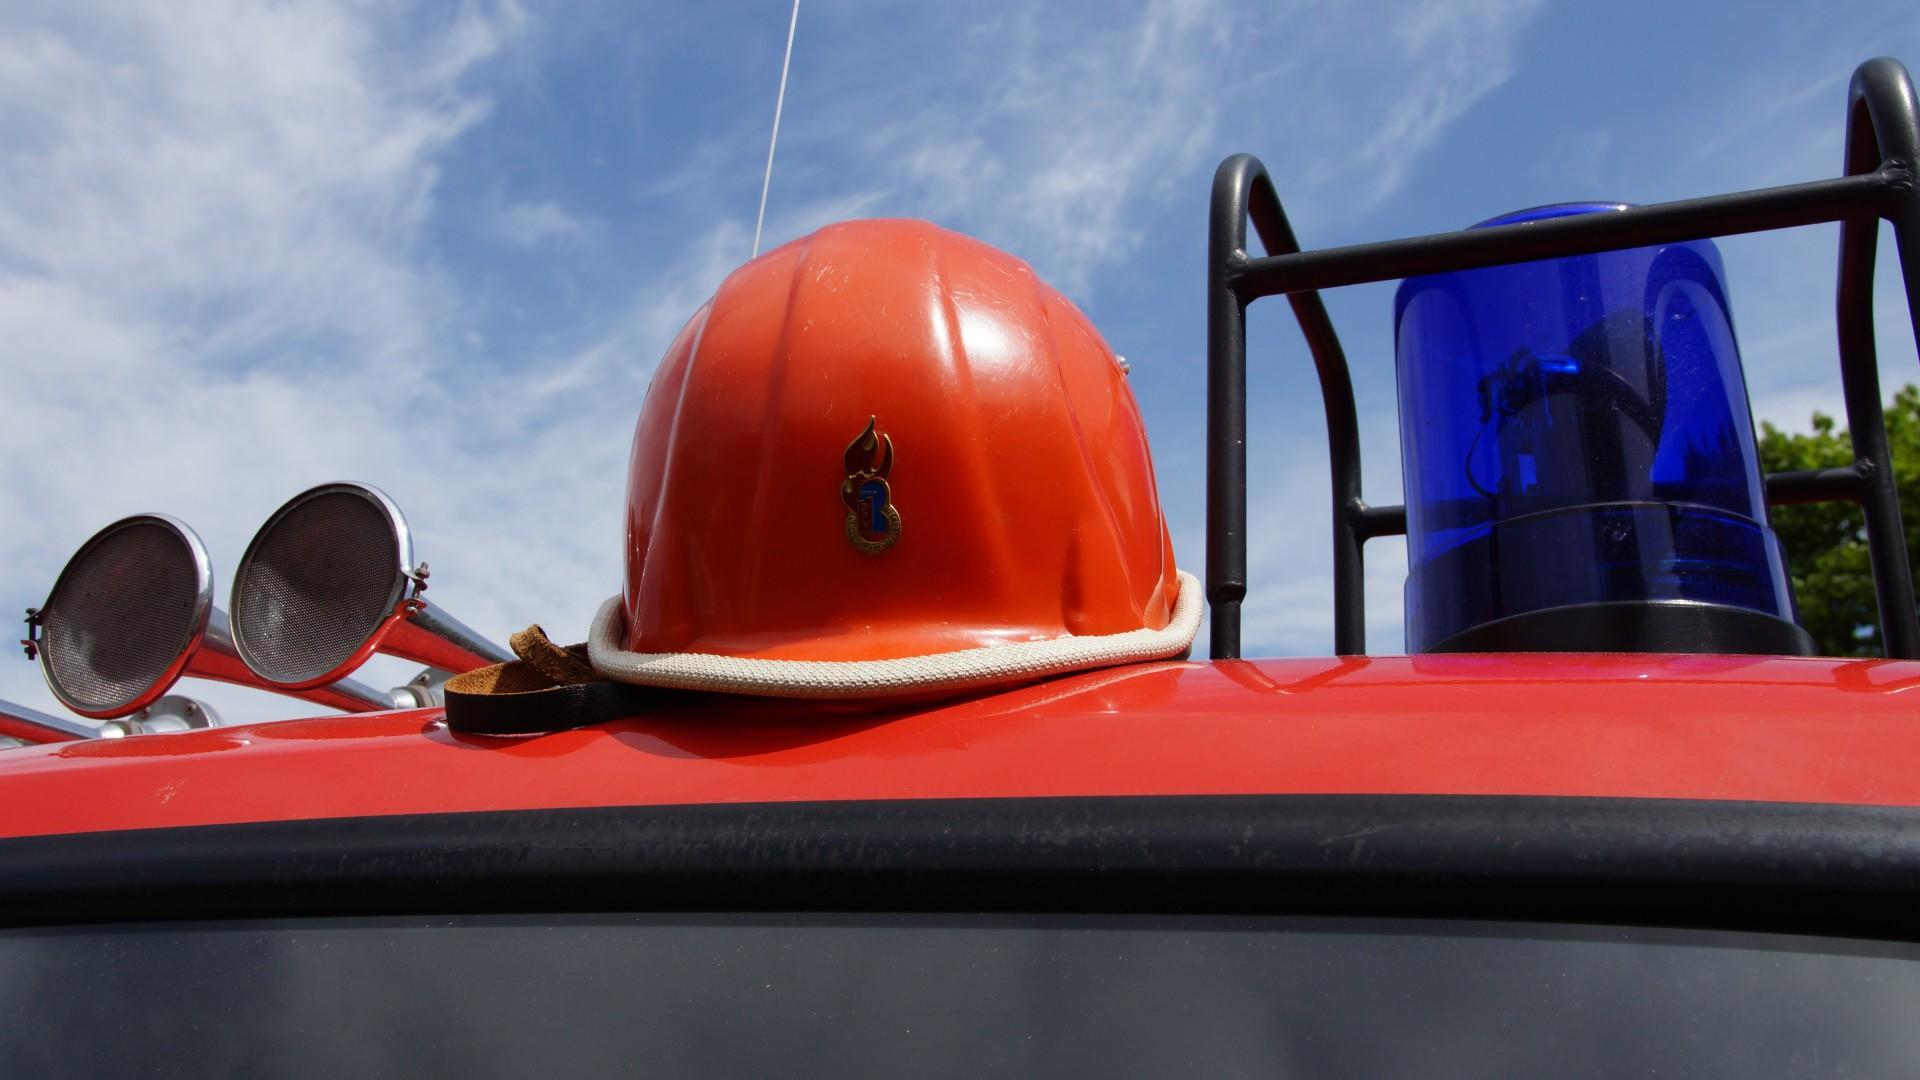 Helm der Deutschen Jugendfeuerwehr auf Feuerwehrauto neben Sirene